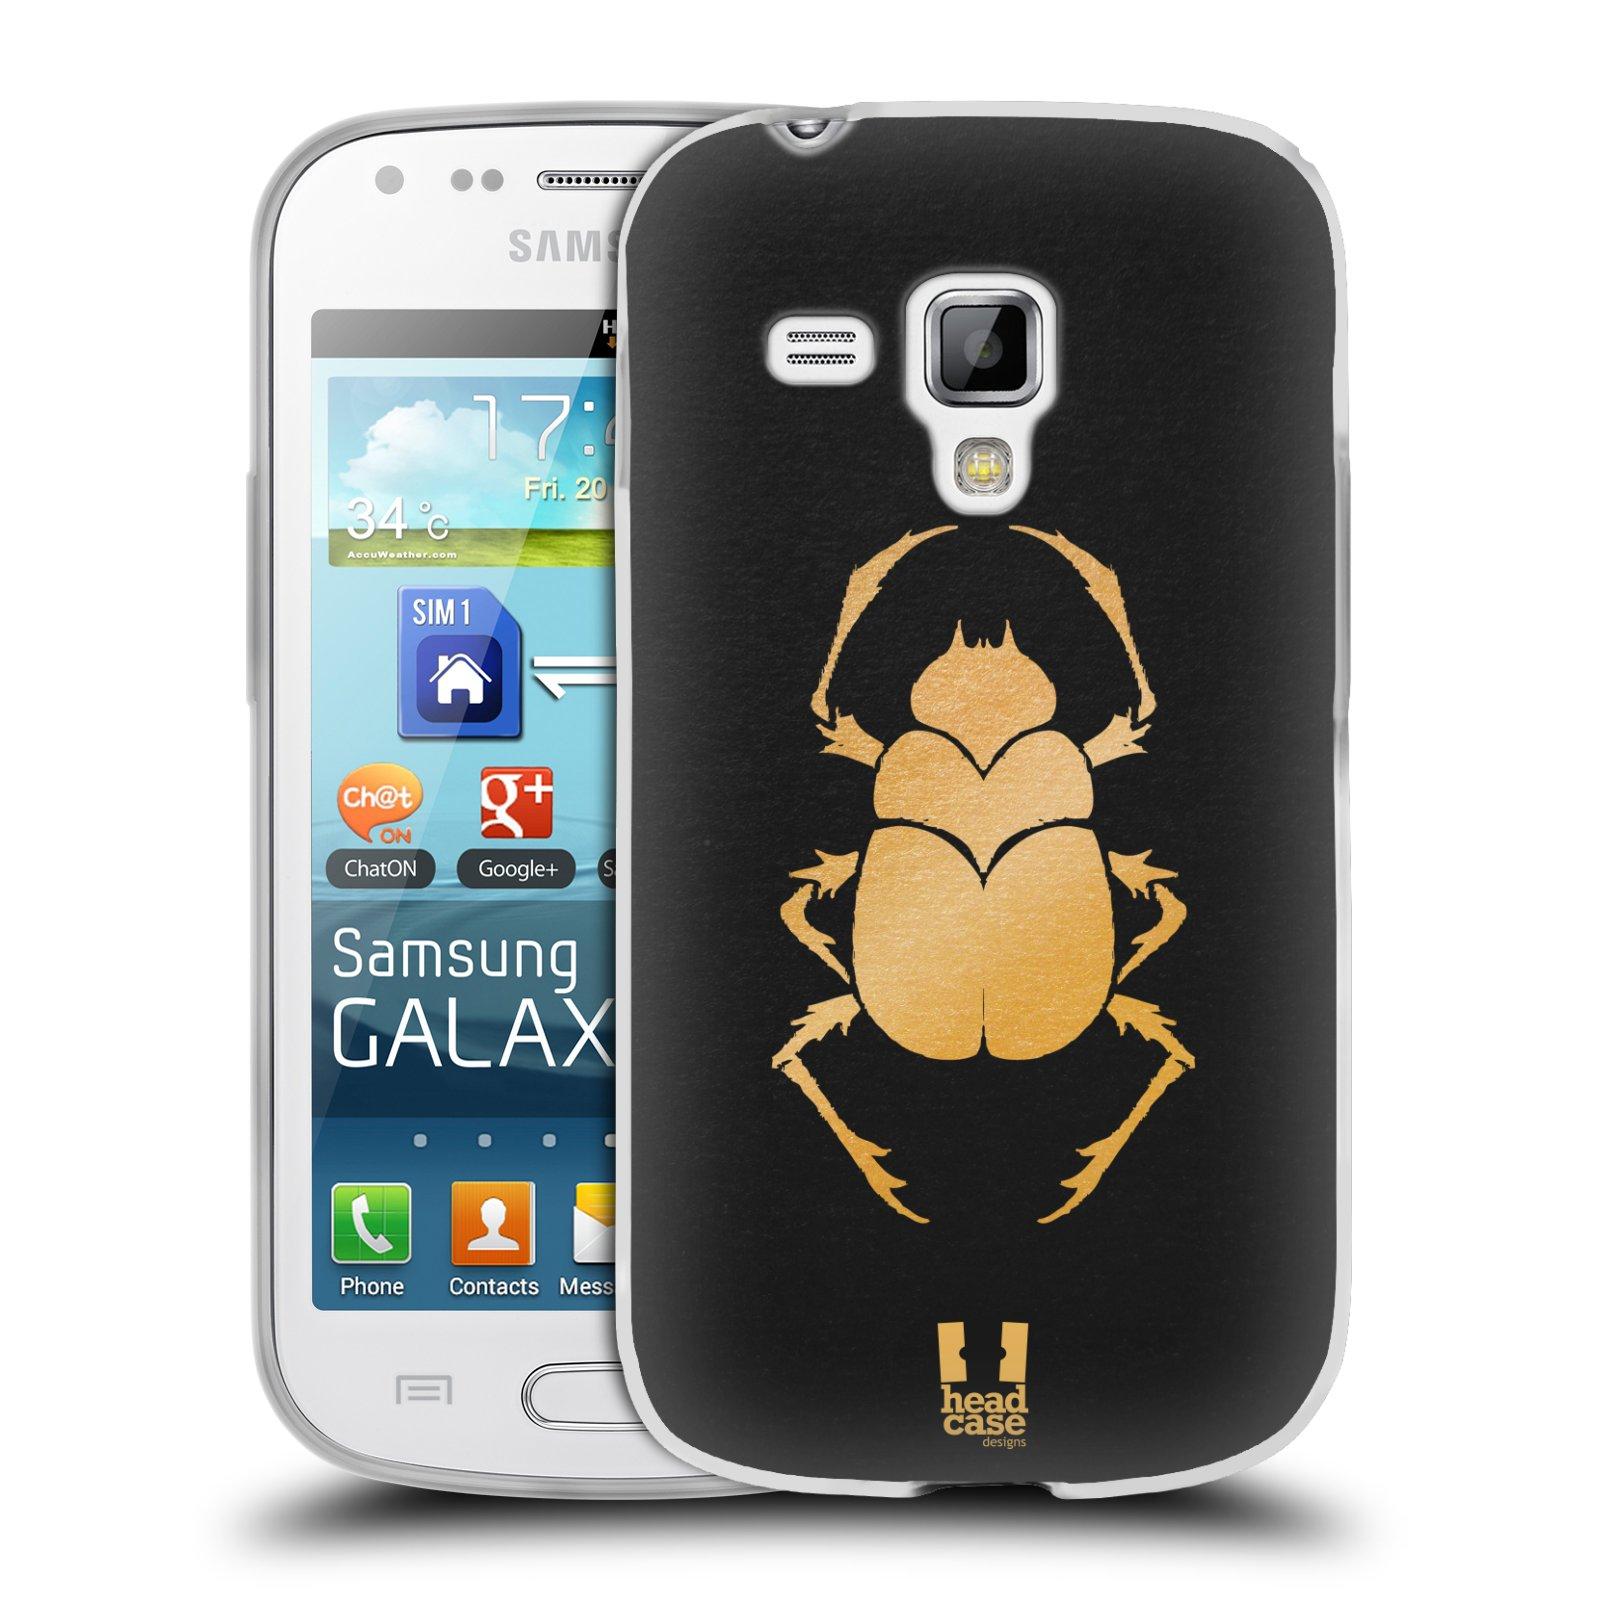 Silikonové pouzdro na mobil Samsung Galaxy Trend HEAD CASE EGYPT SCARABEUS (Silikonový kryt či obal na mobilní telefon Samsung Galaxy Trend GT-S7560)